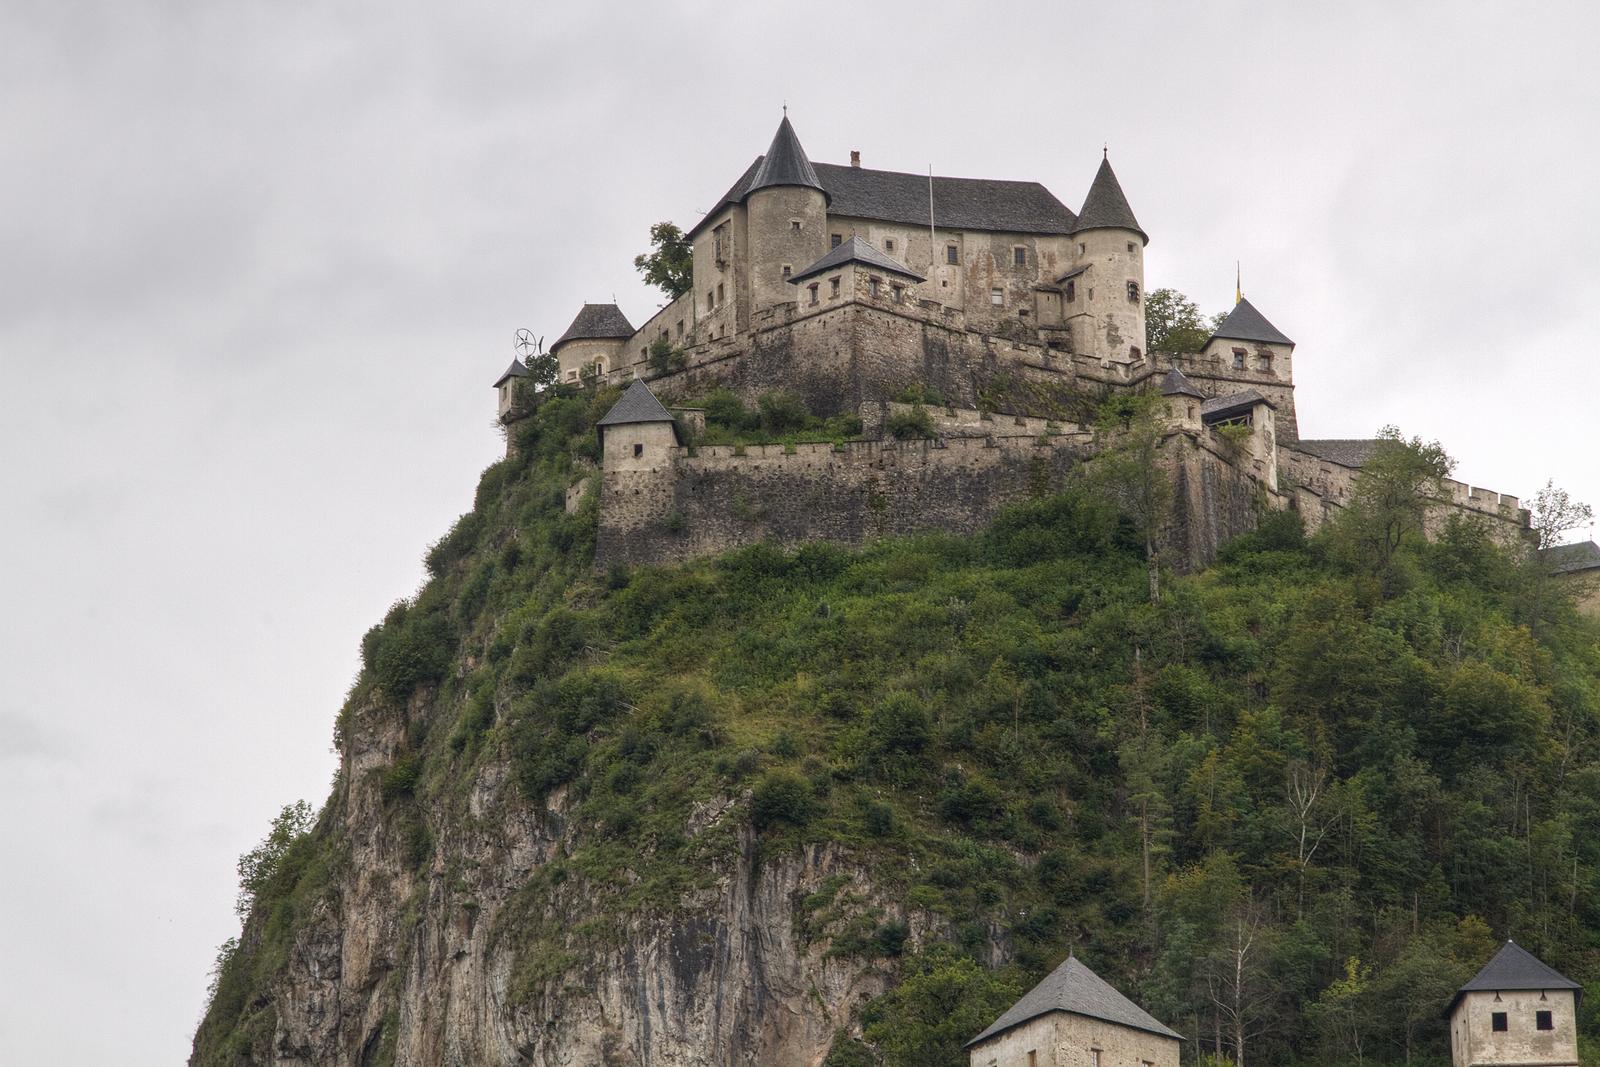 Burg Hochosterwitz 2014 Stock 2 by AlexanderHuebner